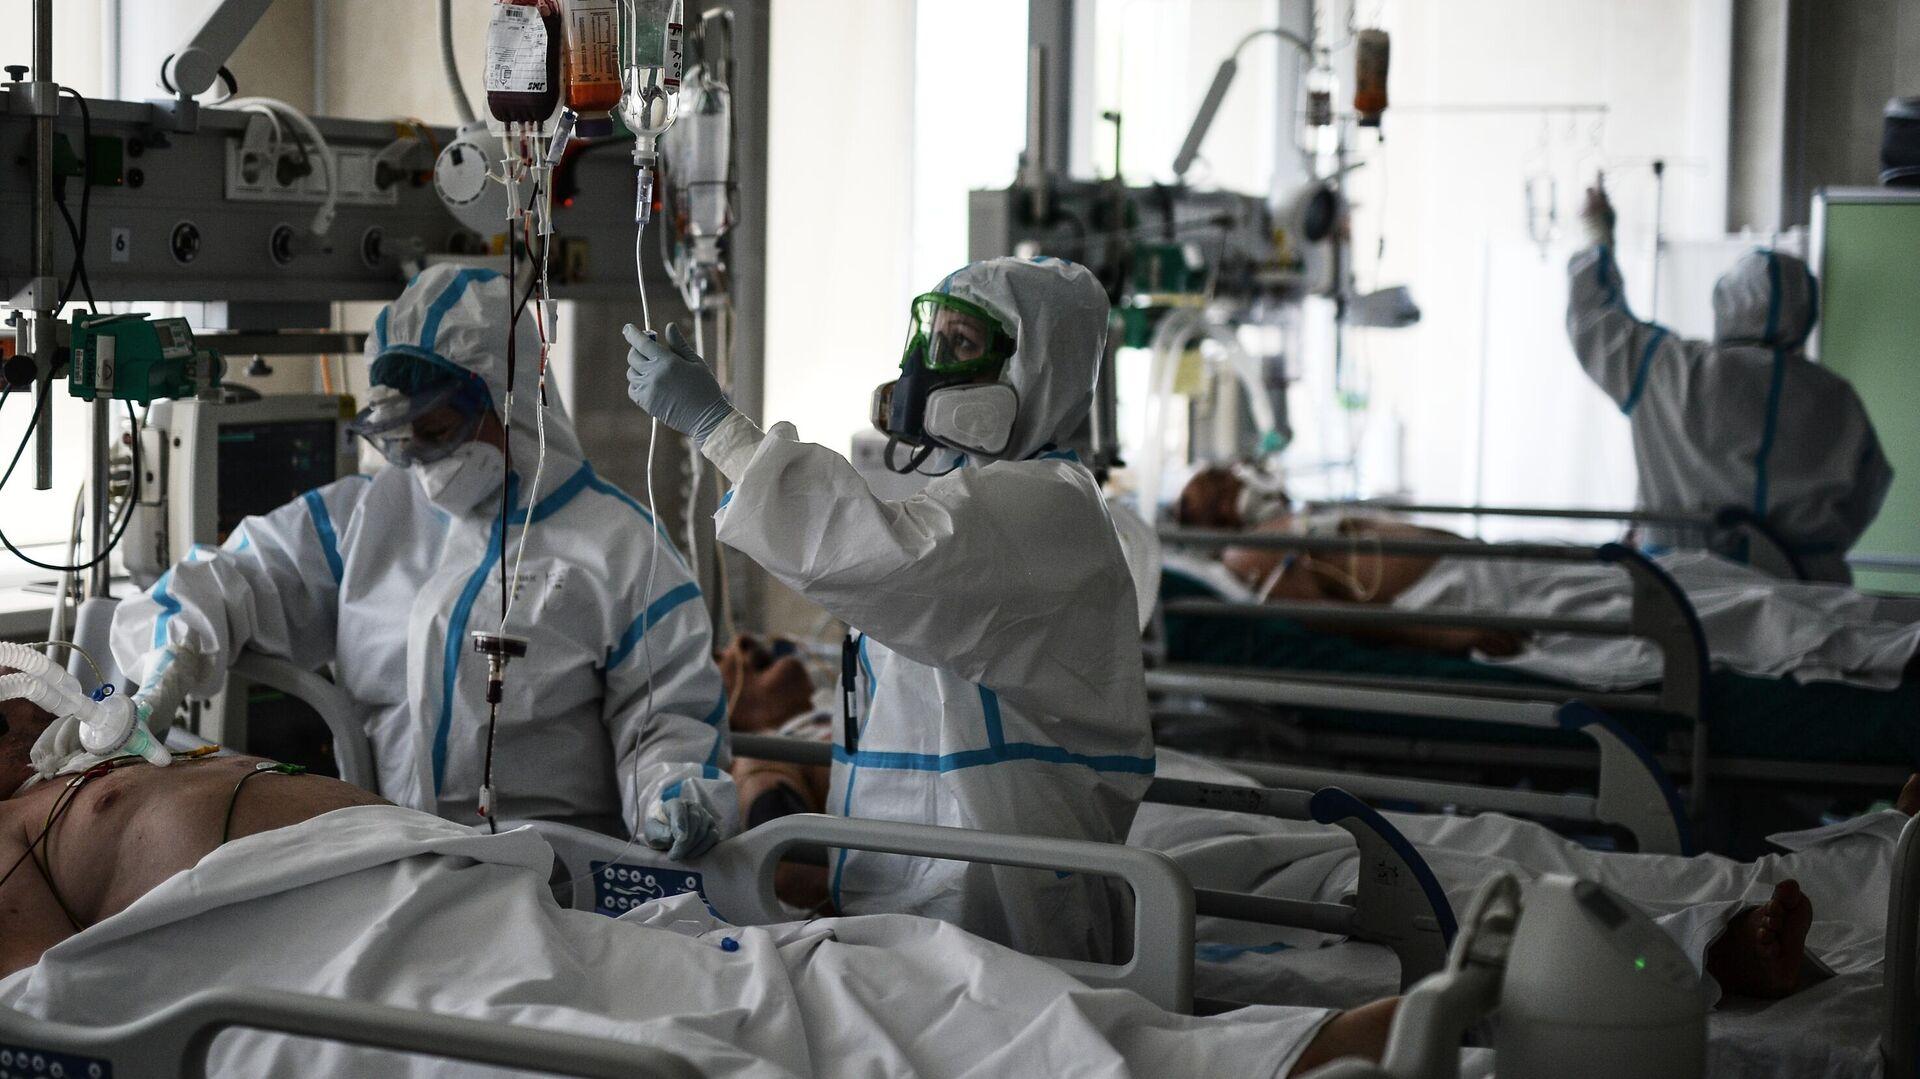 Врачи обходят пациентов в реанимации городской клинической больницы No 15 имени О. М. Филатова в Москве - РИА Новости, 1920, 24.09.2020